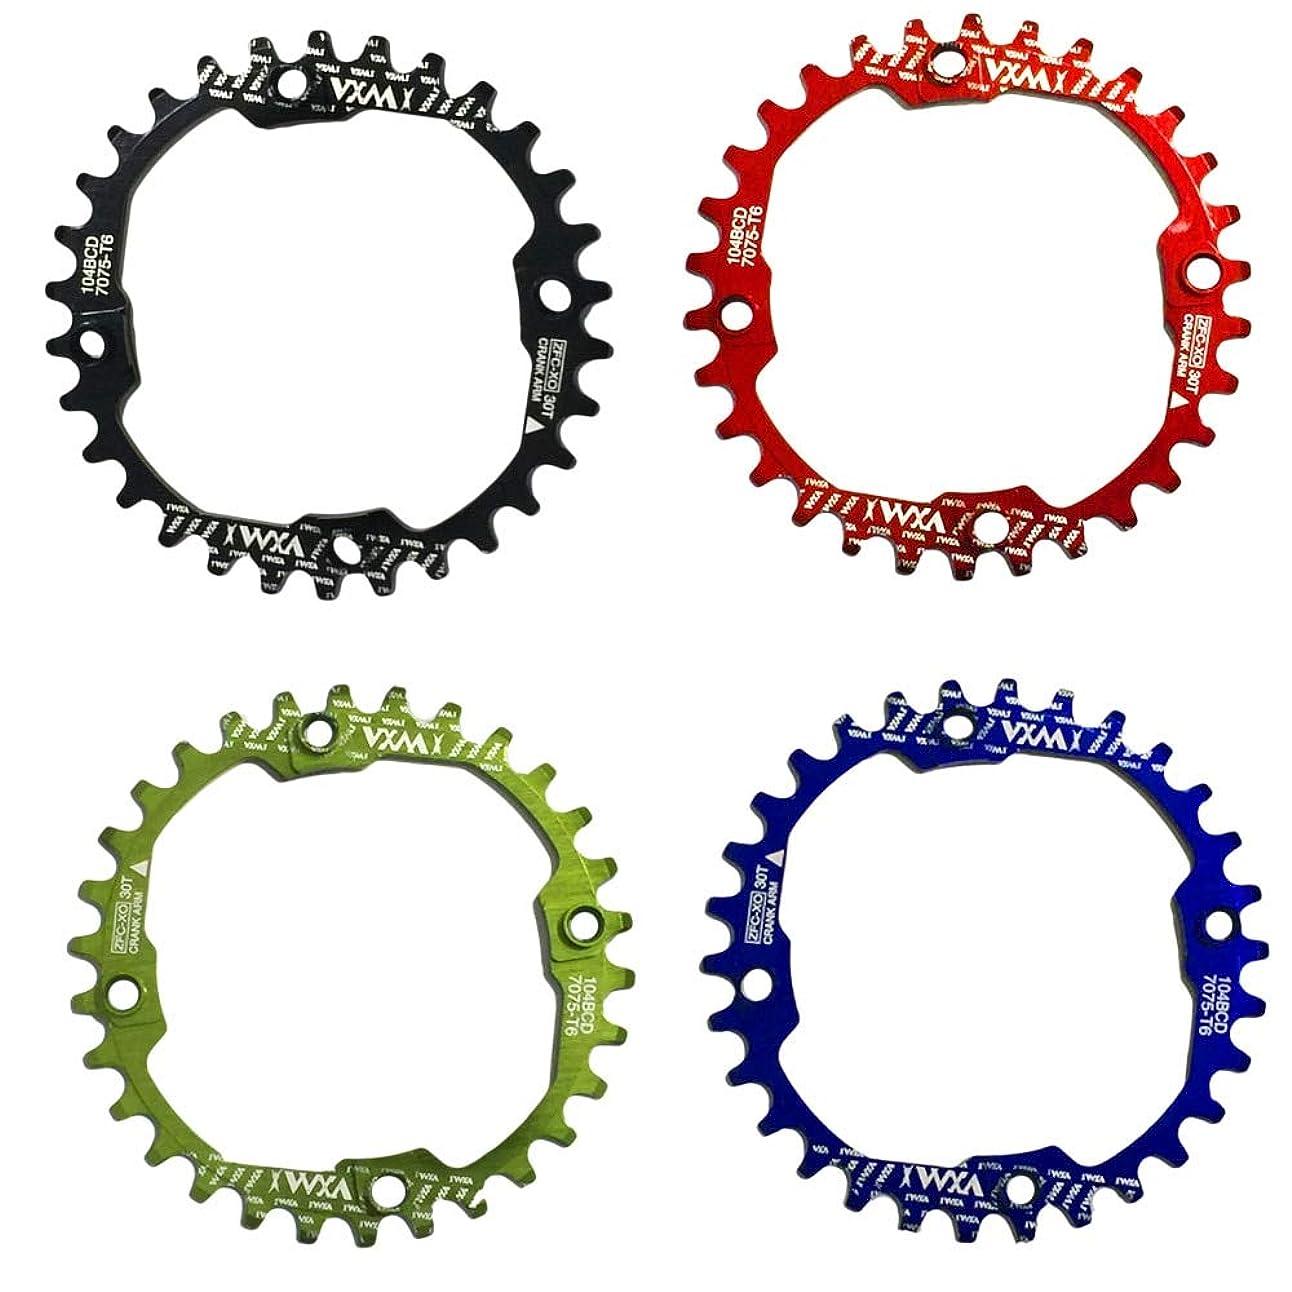 トラクター身元雑草Propenary - 1PC Bicycle Chainwheel Crank 30T 104BCD Aluminum Alloy Narrow Wide Chainring Round Bike Chainwheel Crankset Bicycle Parts [ Black ]